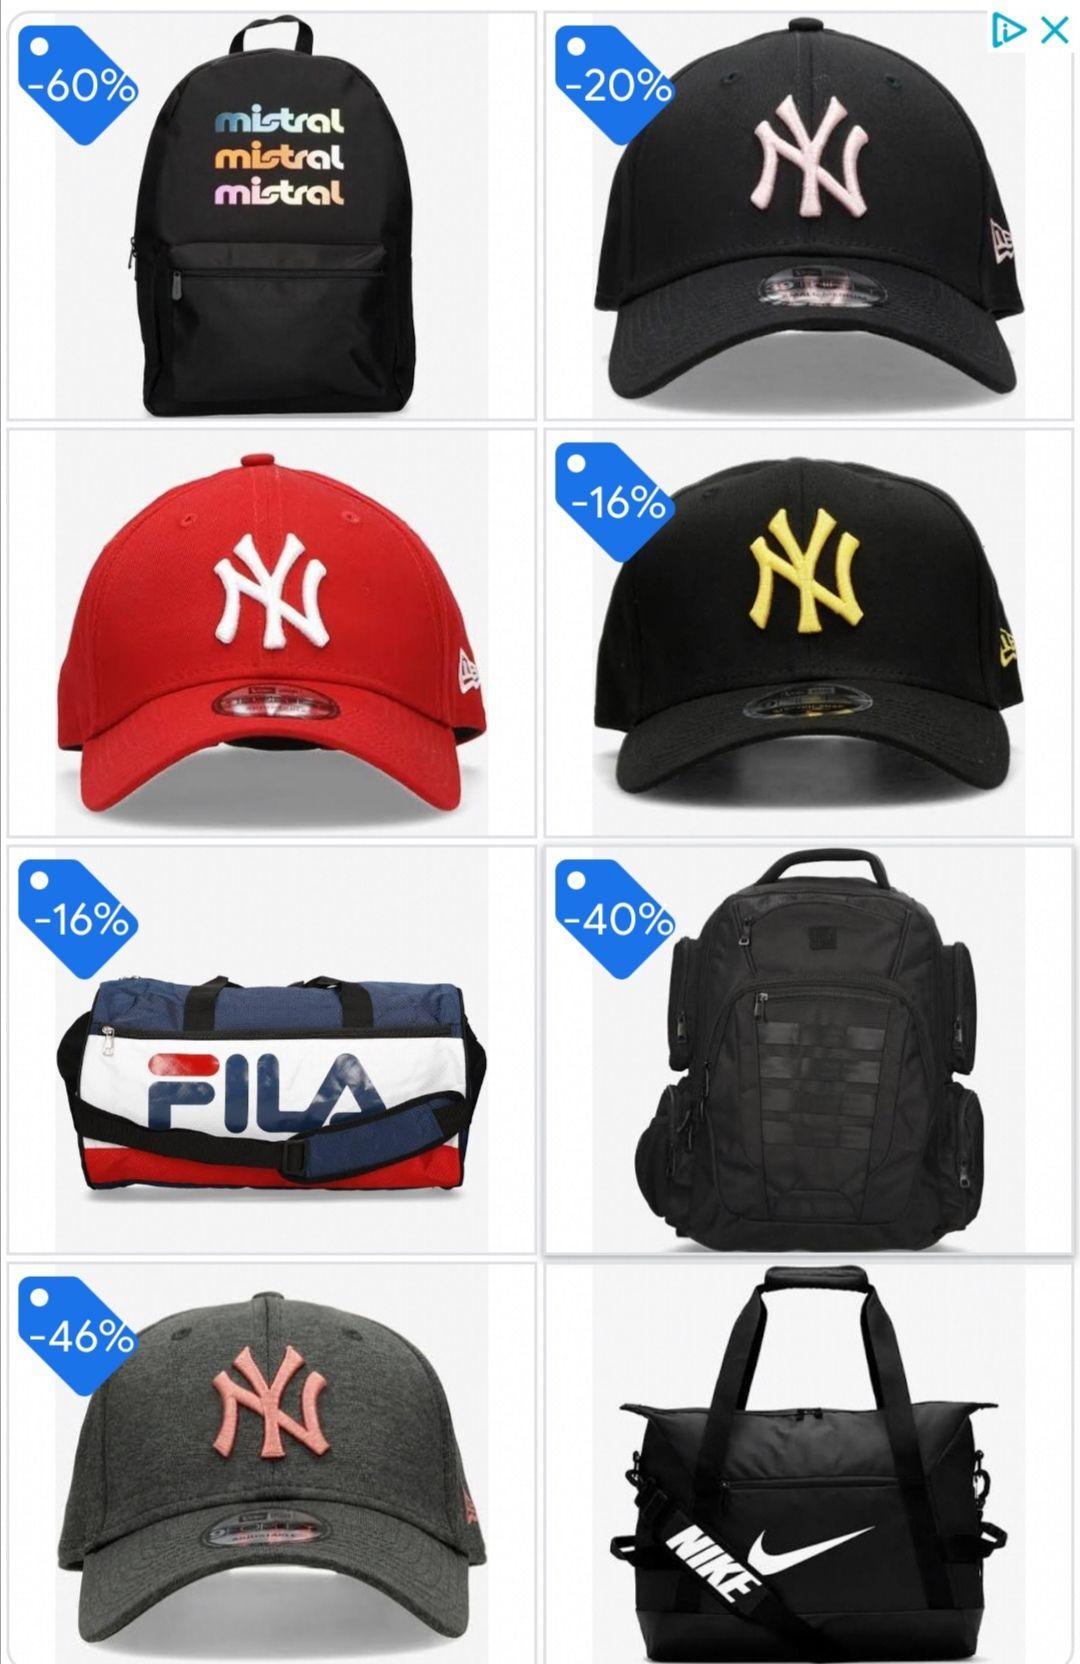 Variado de mochilas y gorras